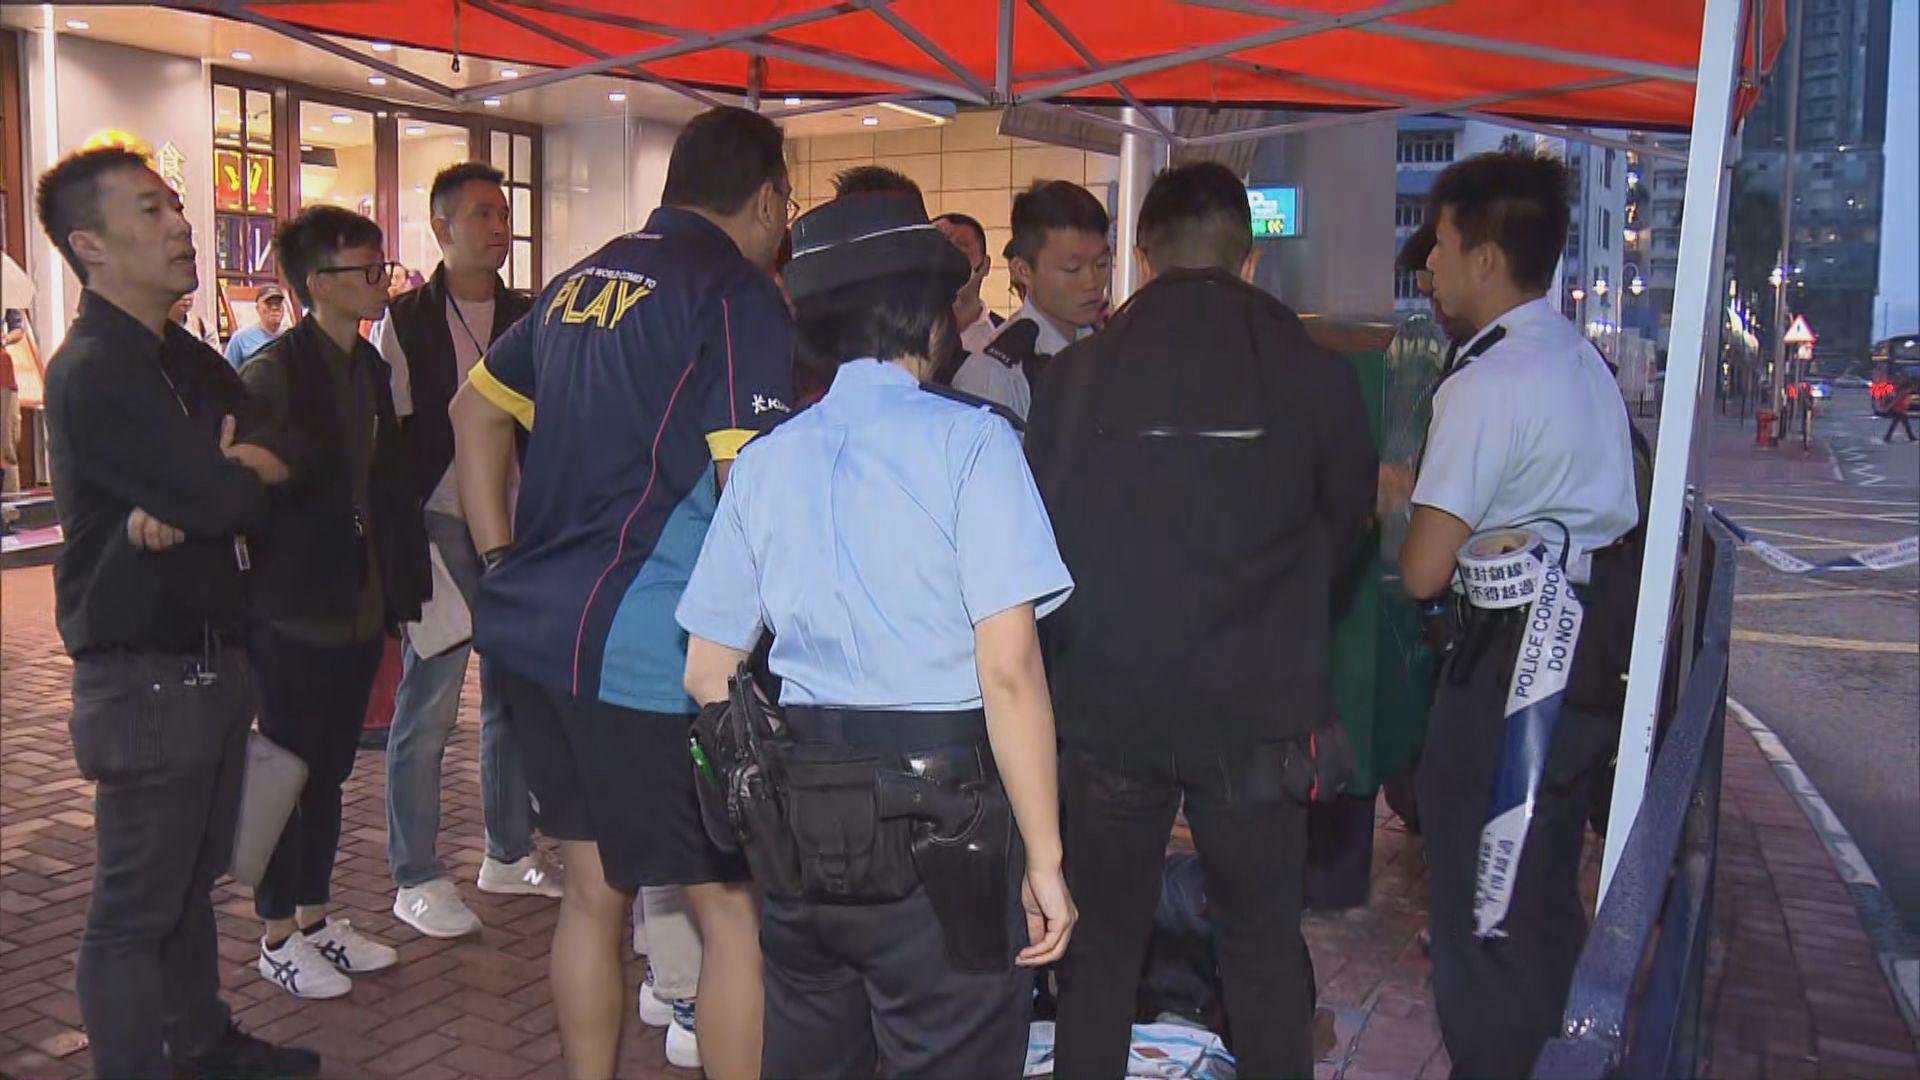 紅磡街頭劫案涉及四百萬元 一人仍在逃